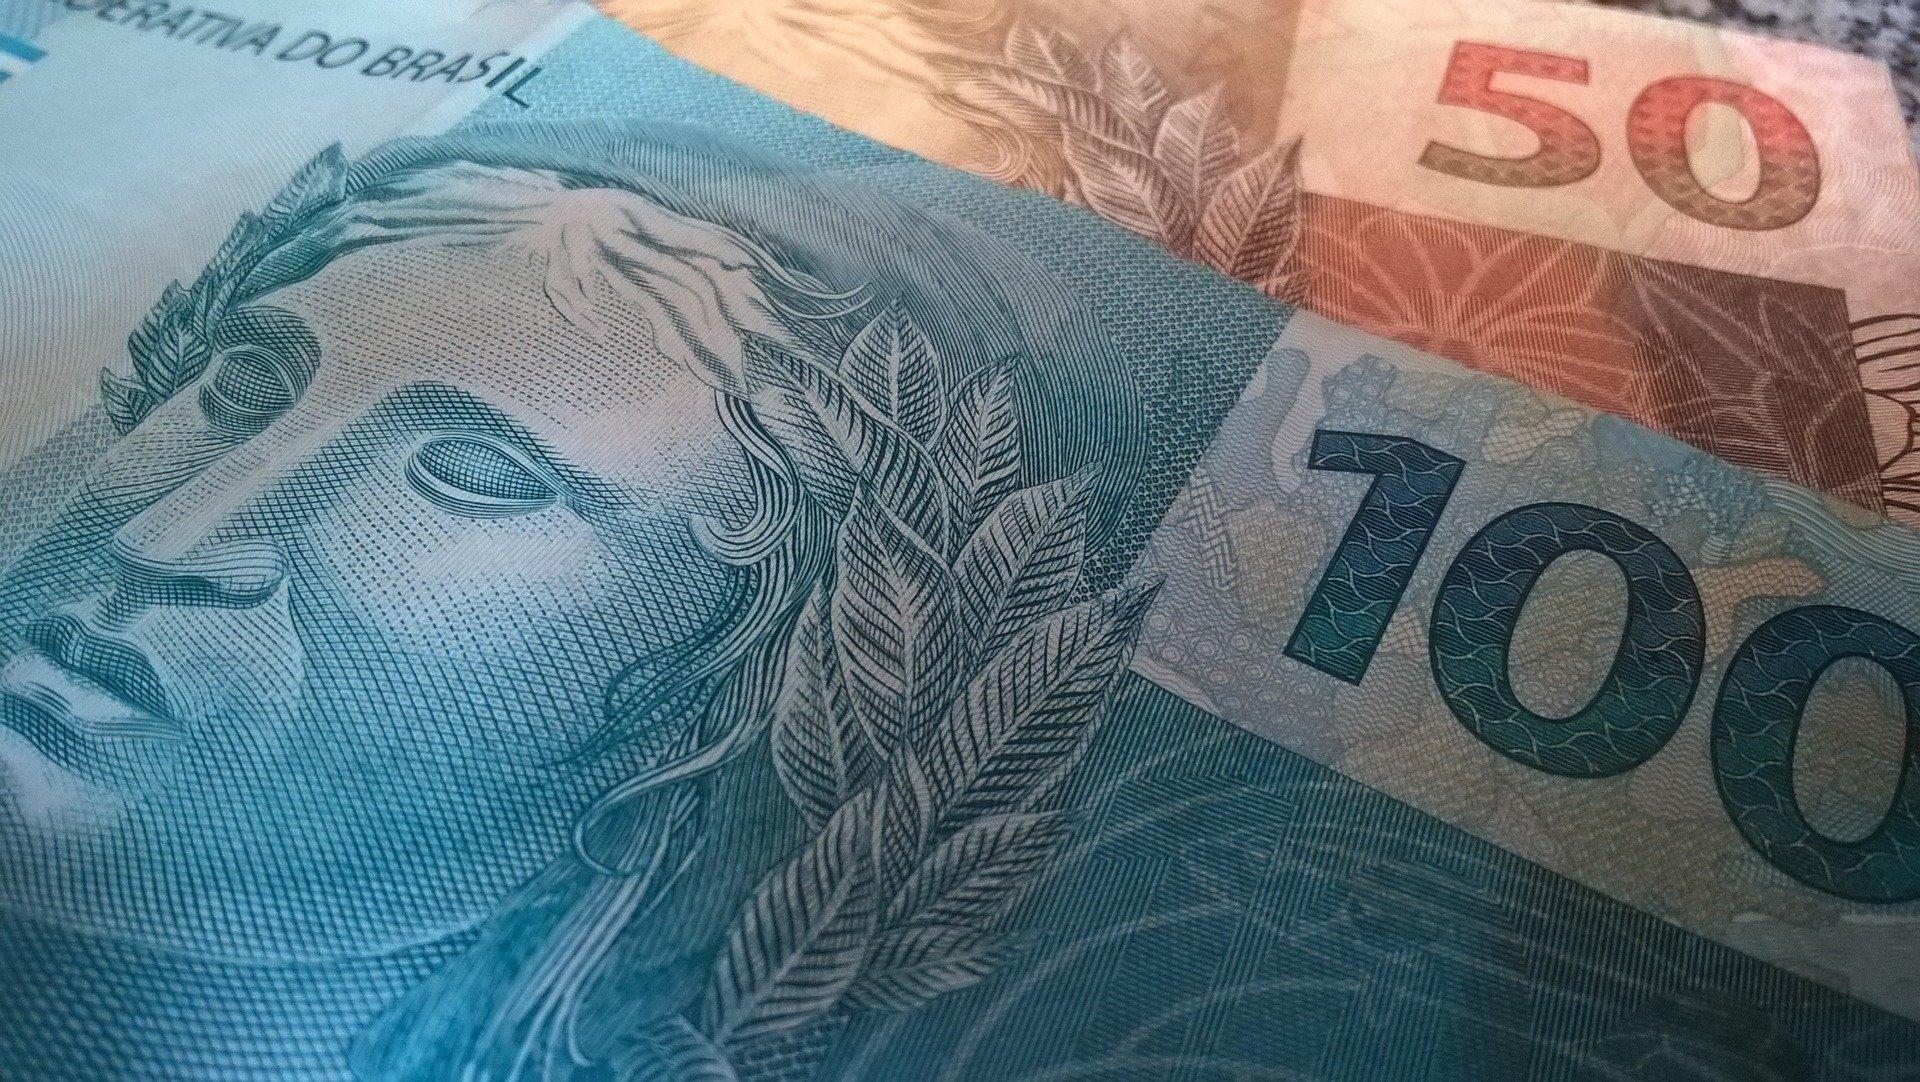 Nota de R$ 100 e R$ 50. Pagamento do Bolsa Família